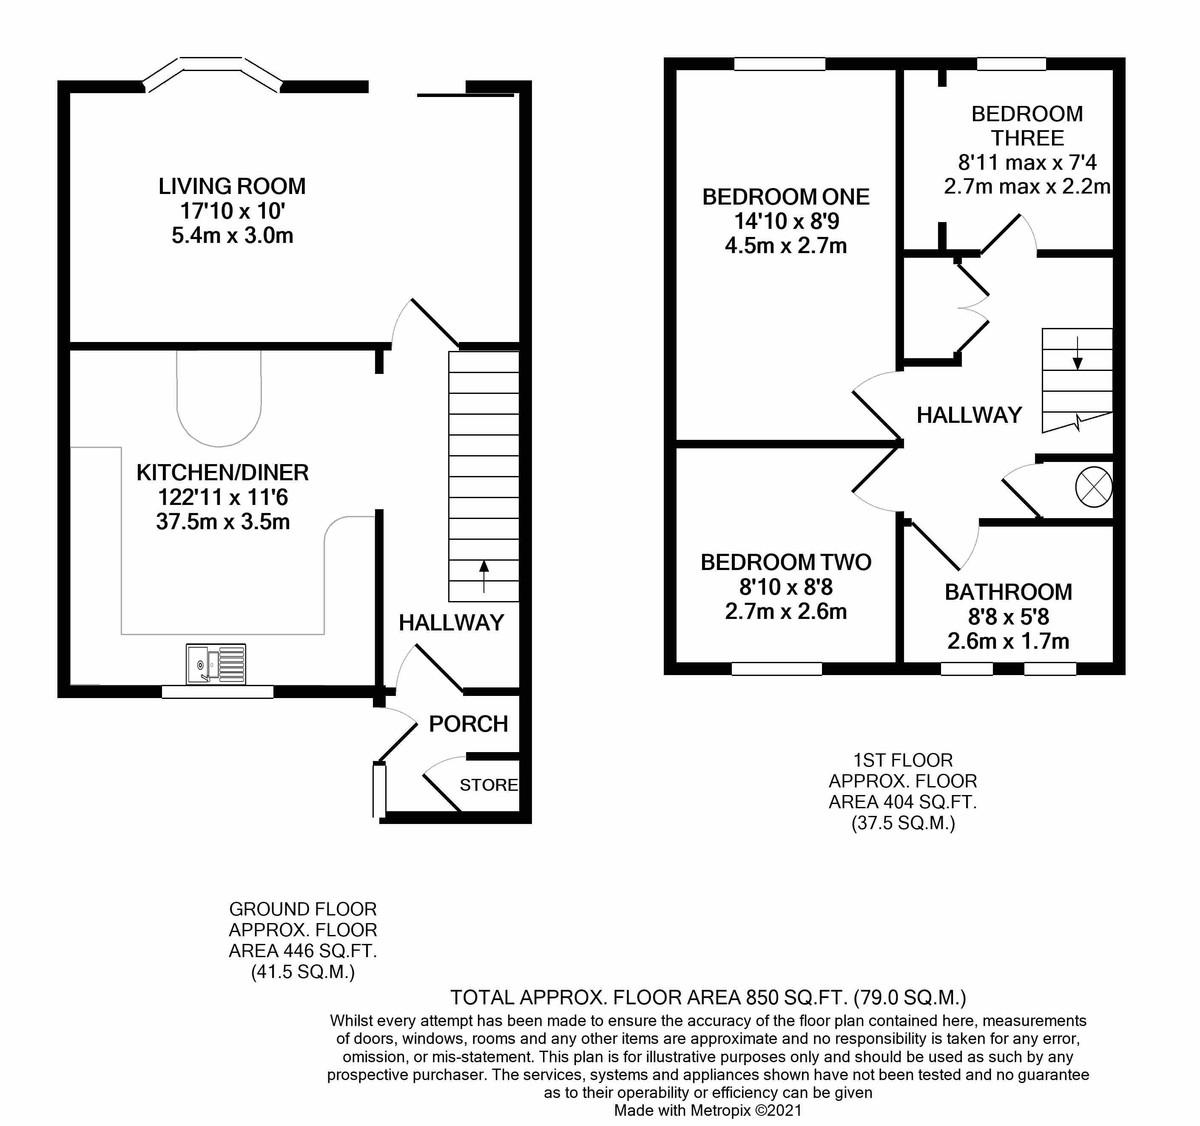 Cadnam Close, Harborne floorplan 1 of 1